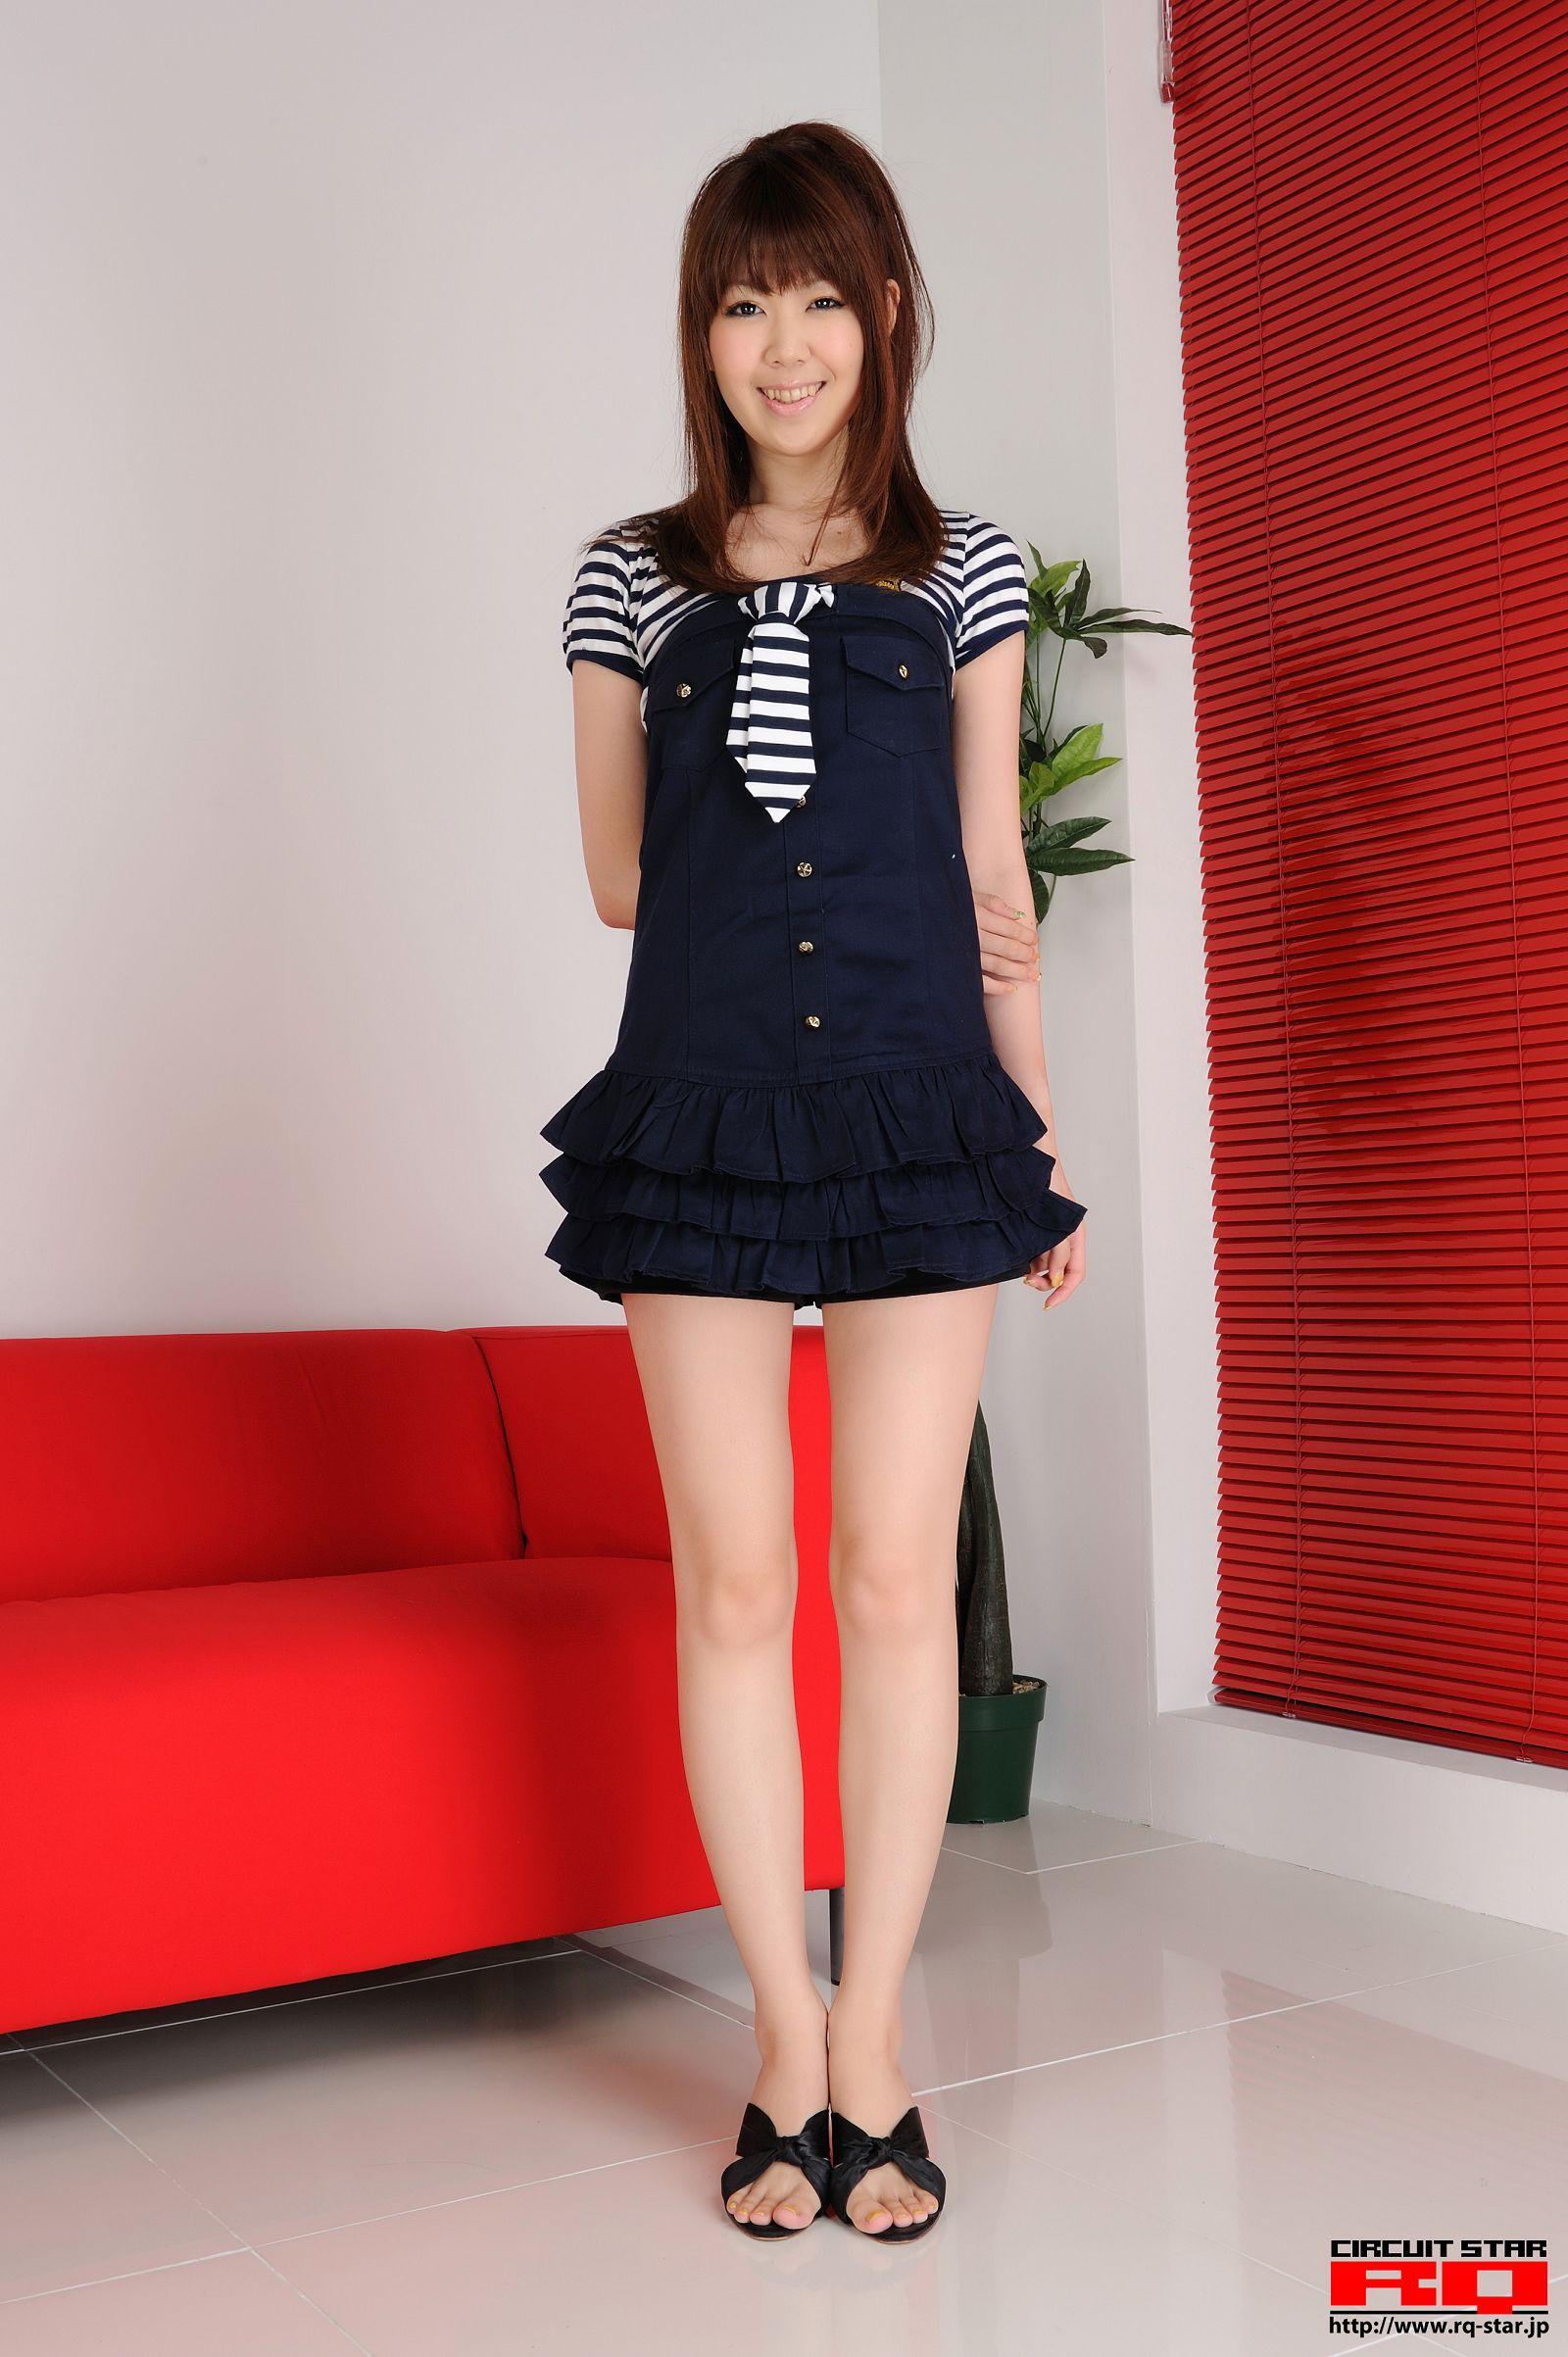 [RQ STAR美女] NO.0376 Haruka Ikuta 生田晴香 Private Dress[100P] RQ STAR 第1张